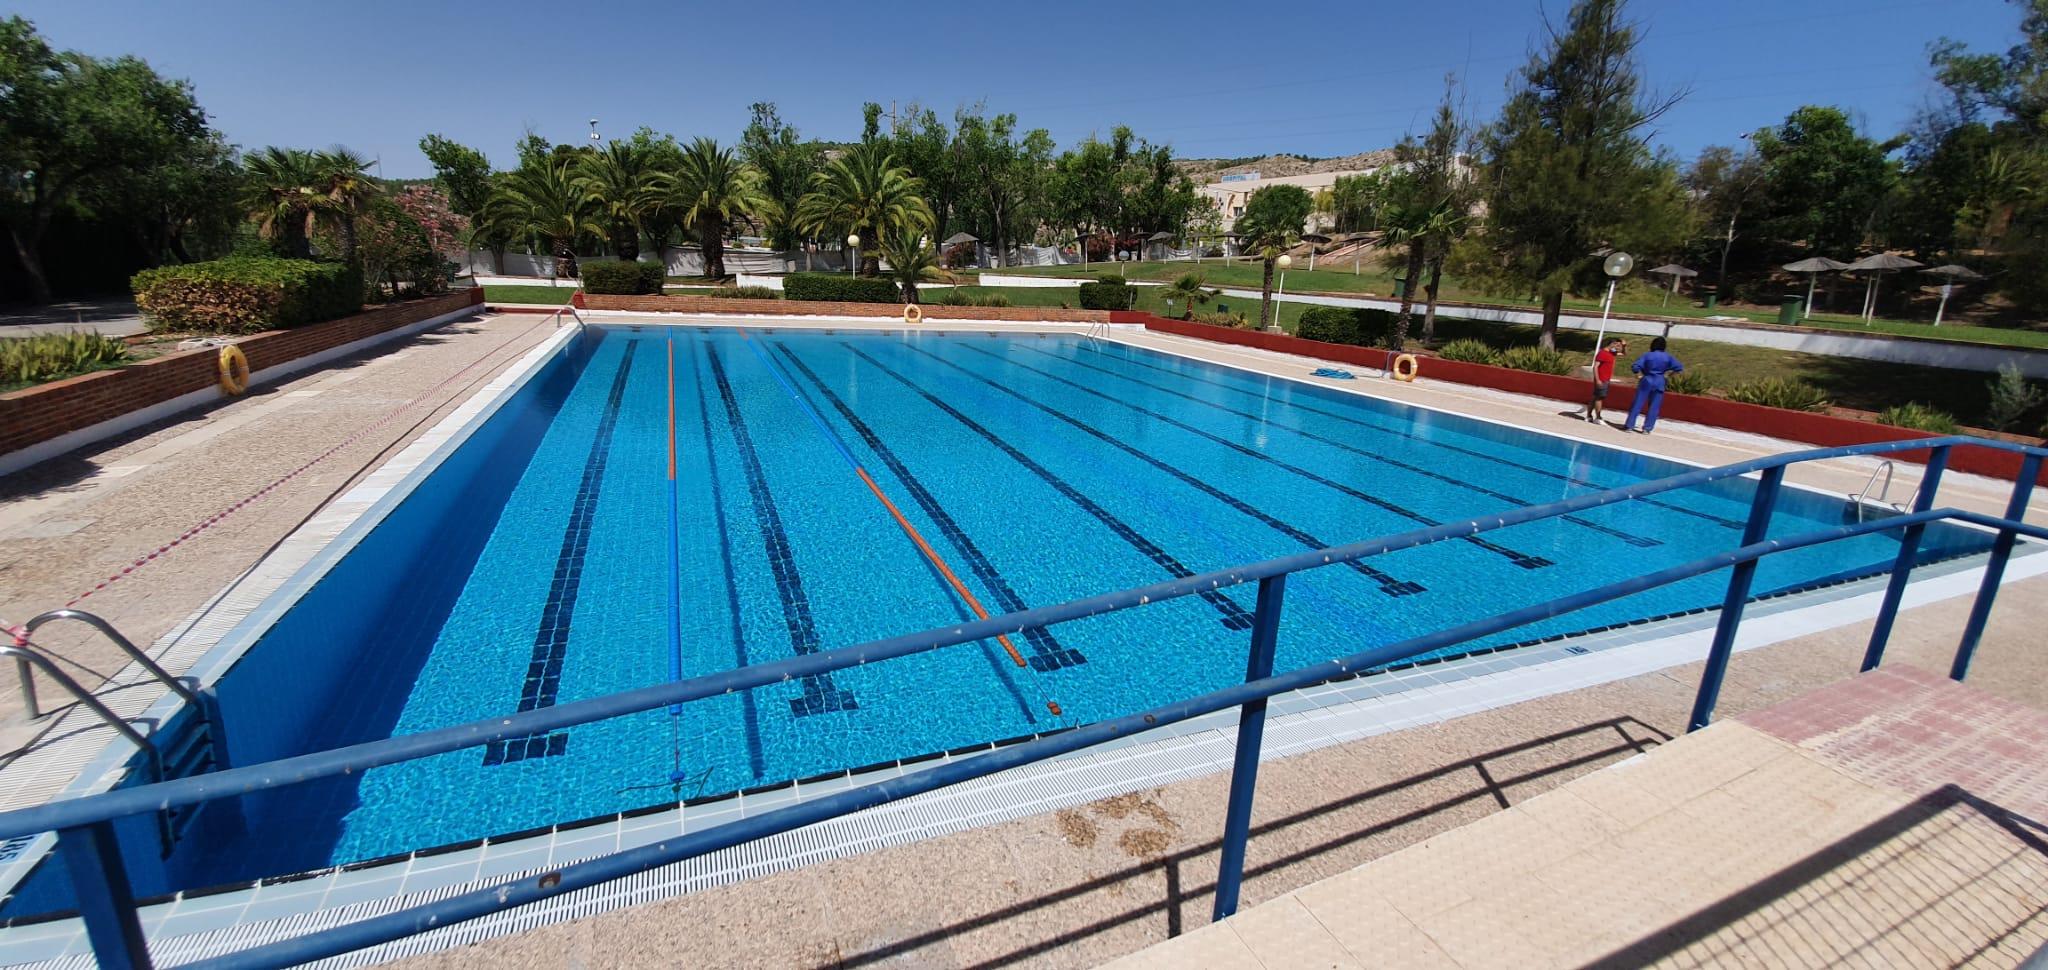 Las piscinas de verano de San Crispín han registrado 865 usuarios durante los primeros siete días de funcionamiento